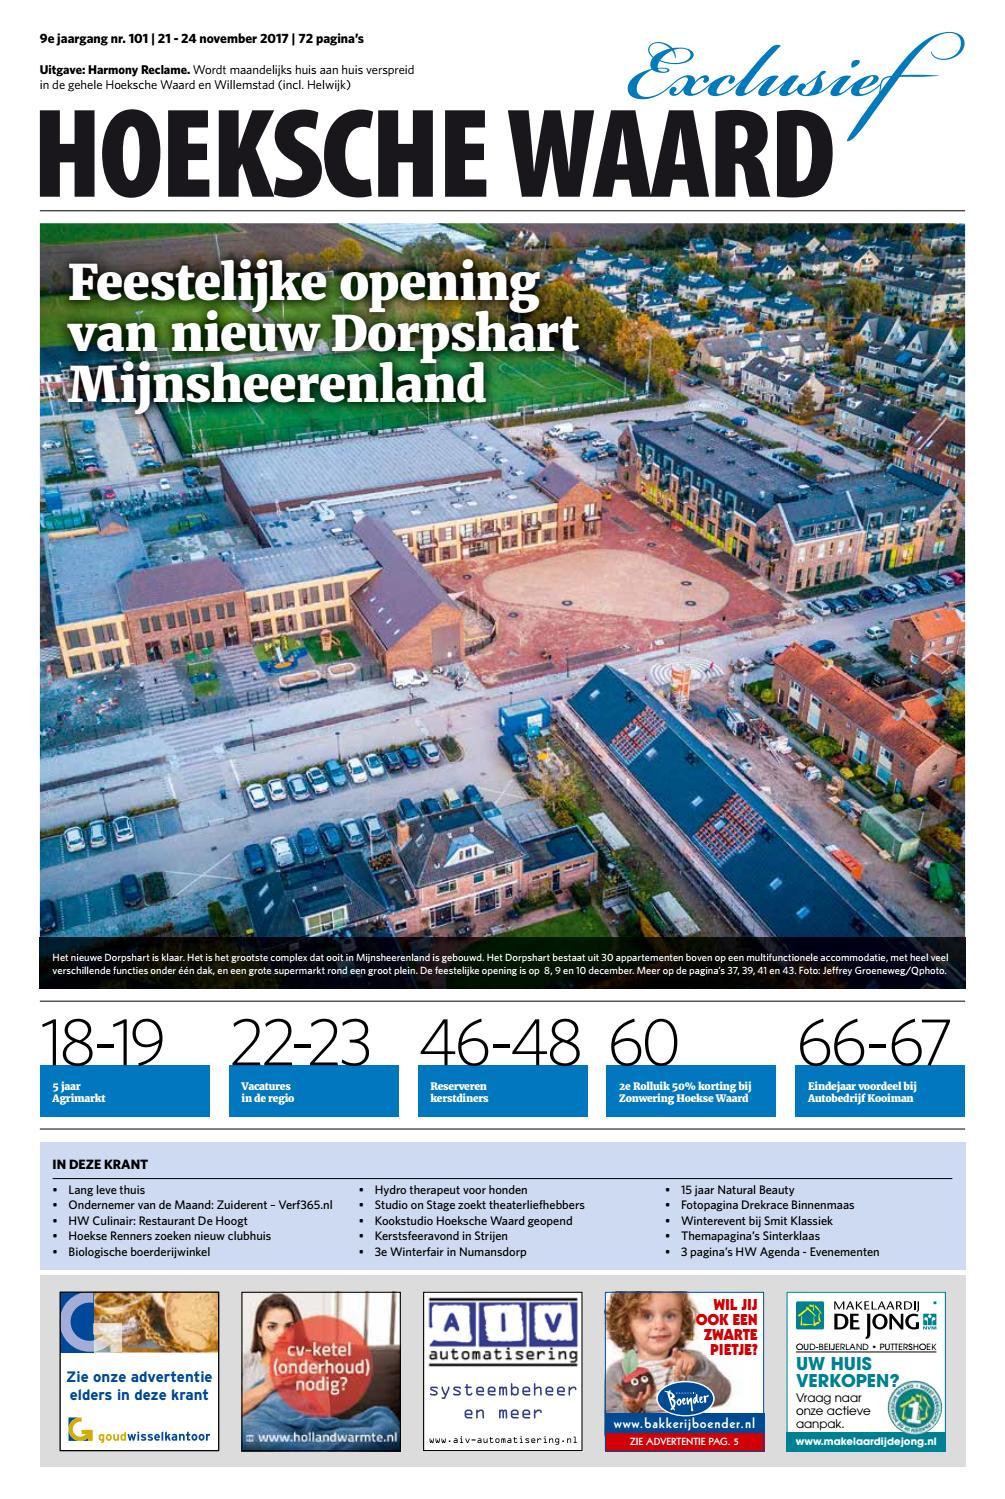 8d885bbda79 Hoeksche Waard Exclusief - 21 november 2017 by Hoeksche Waard Exclusief -  issuu